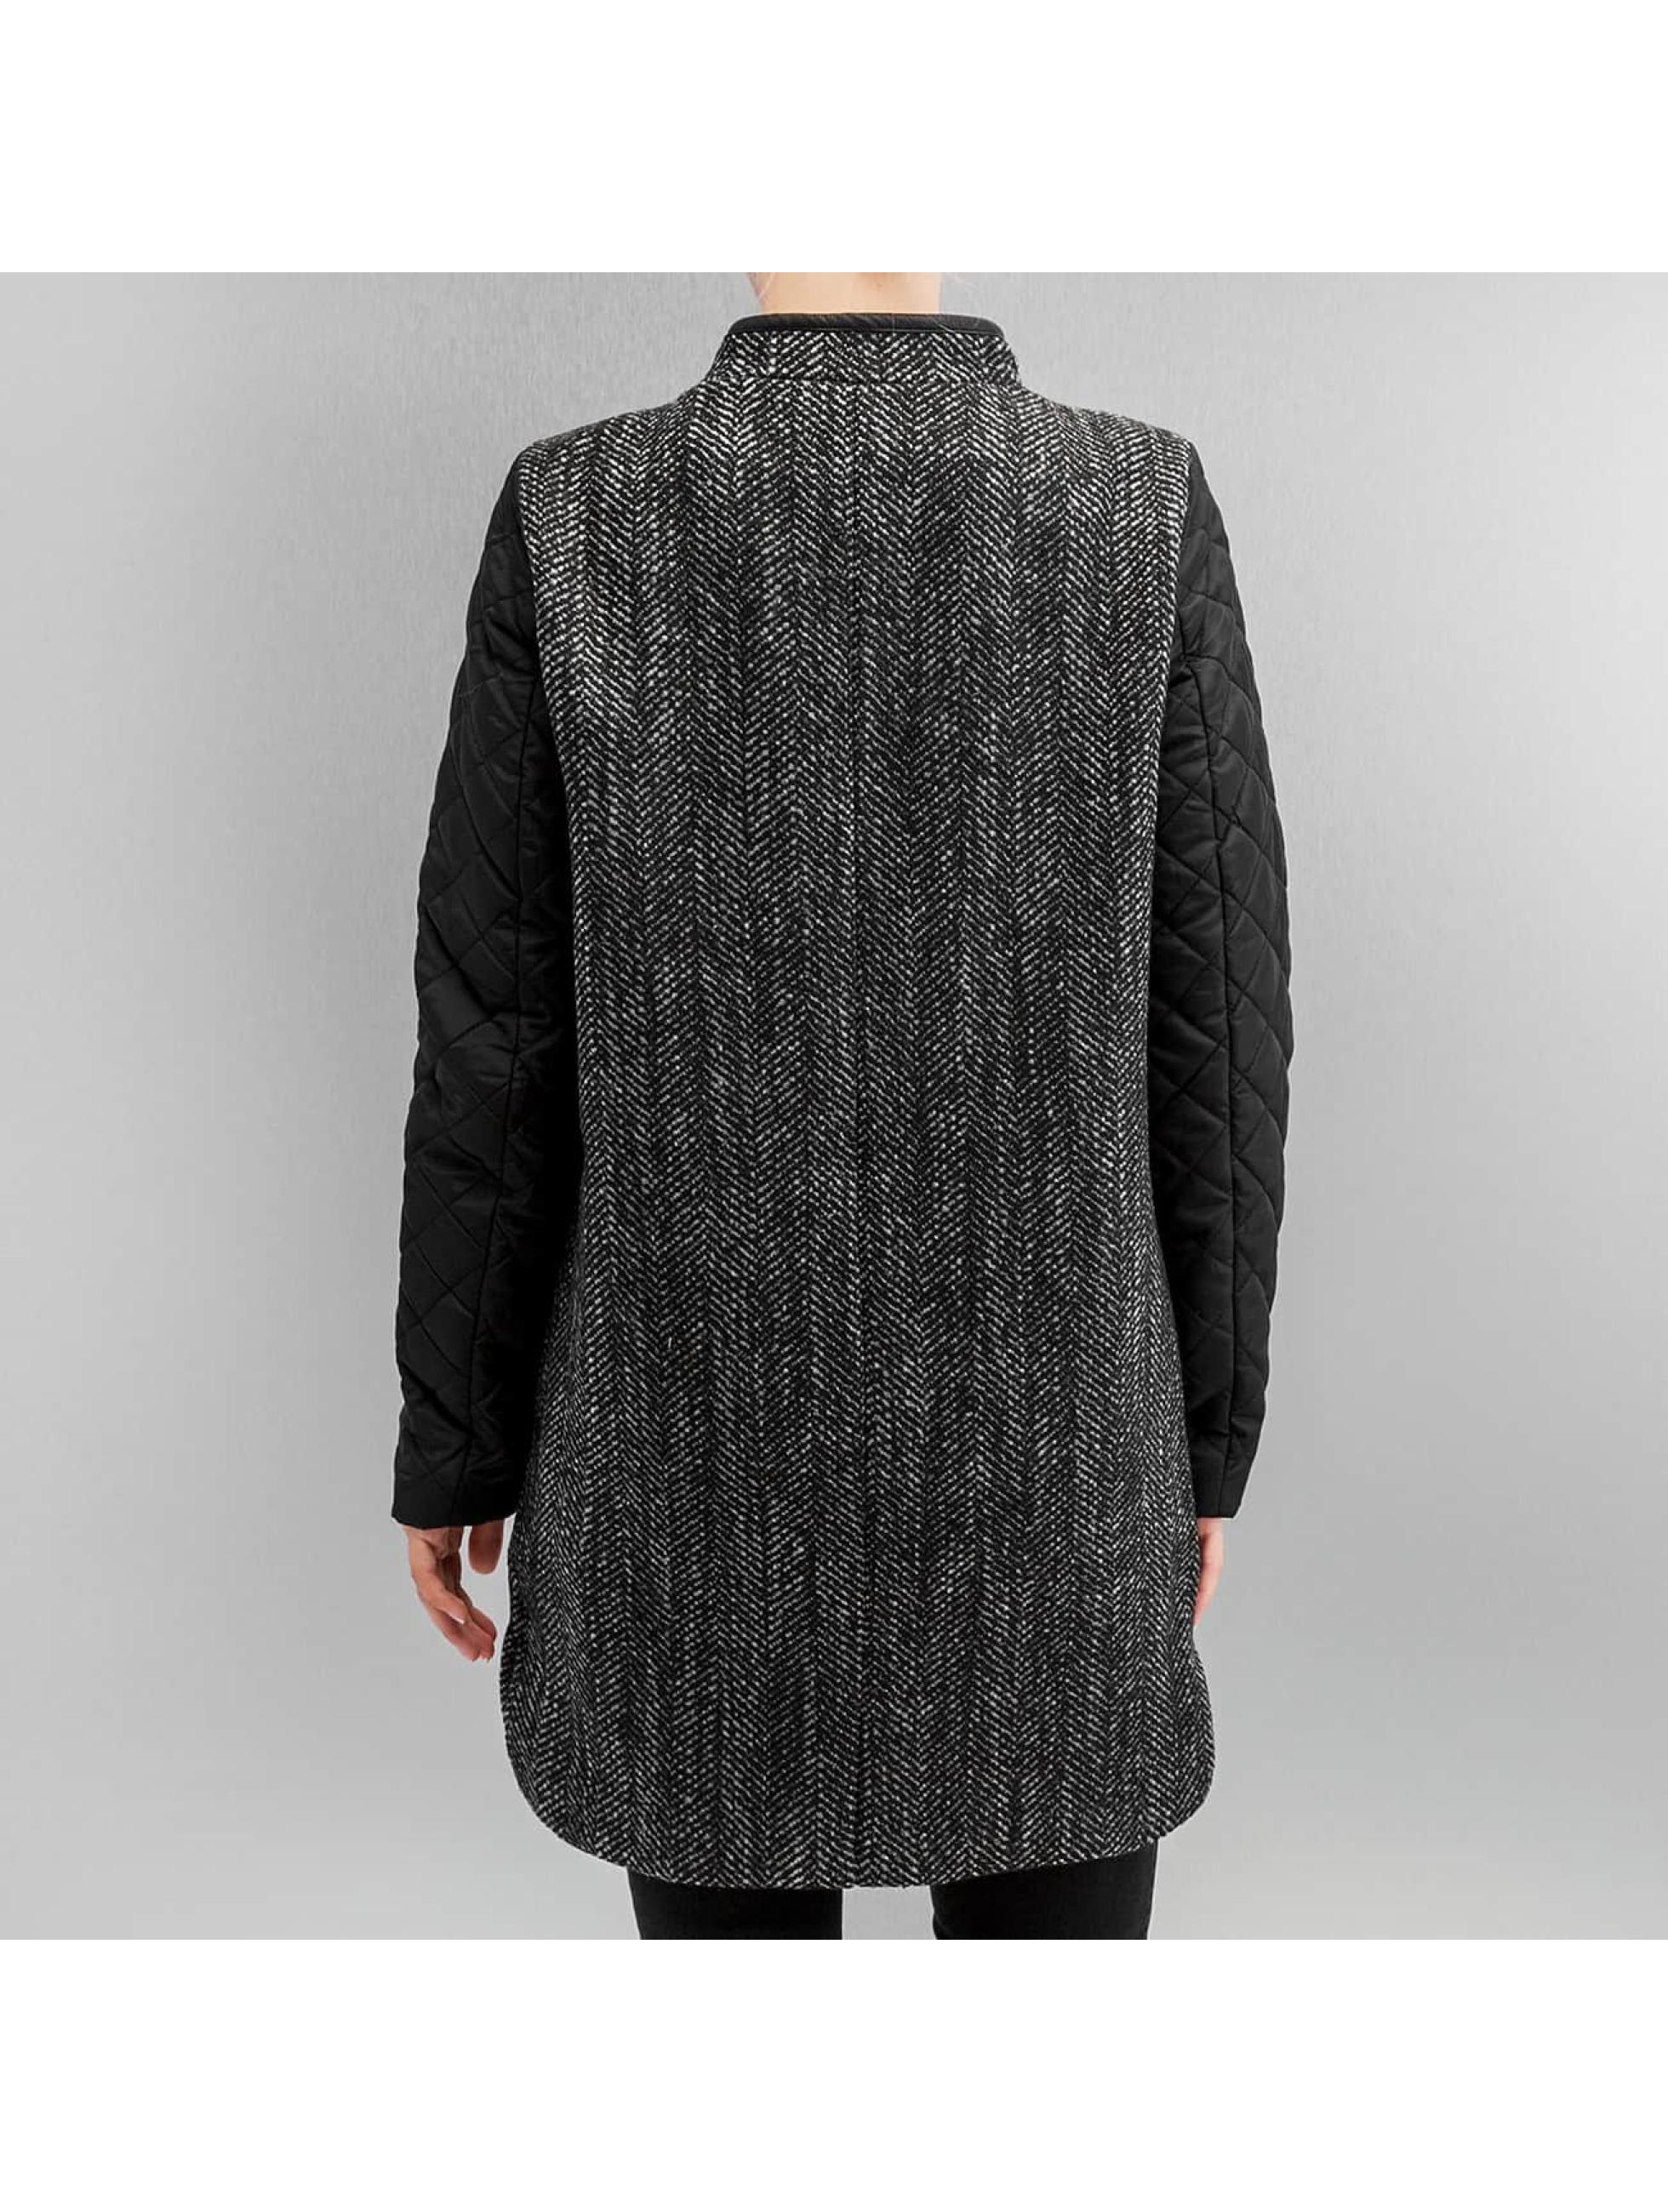 Vero Moda Transitional Jackets vmIsla grå